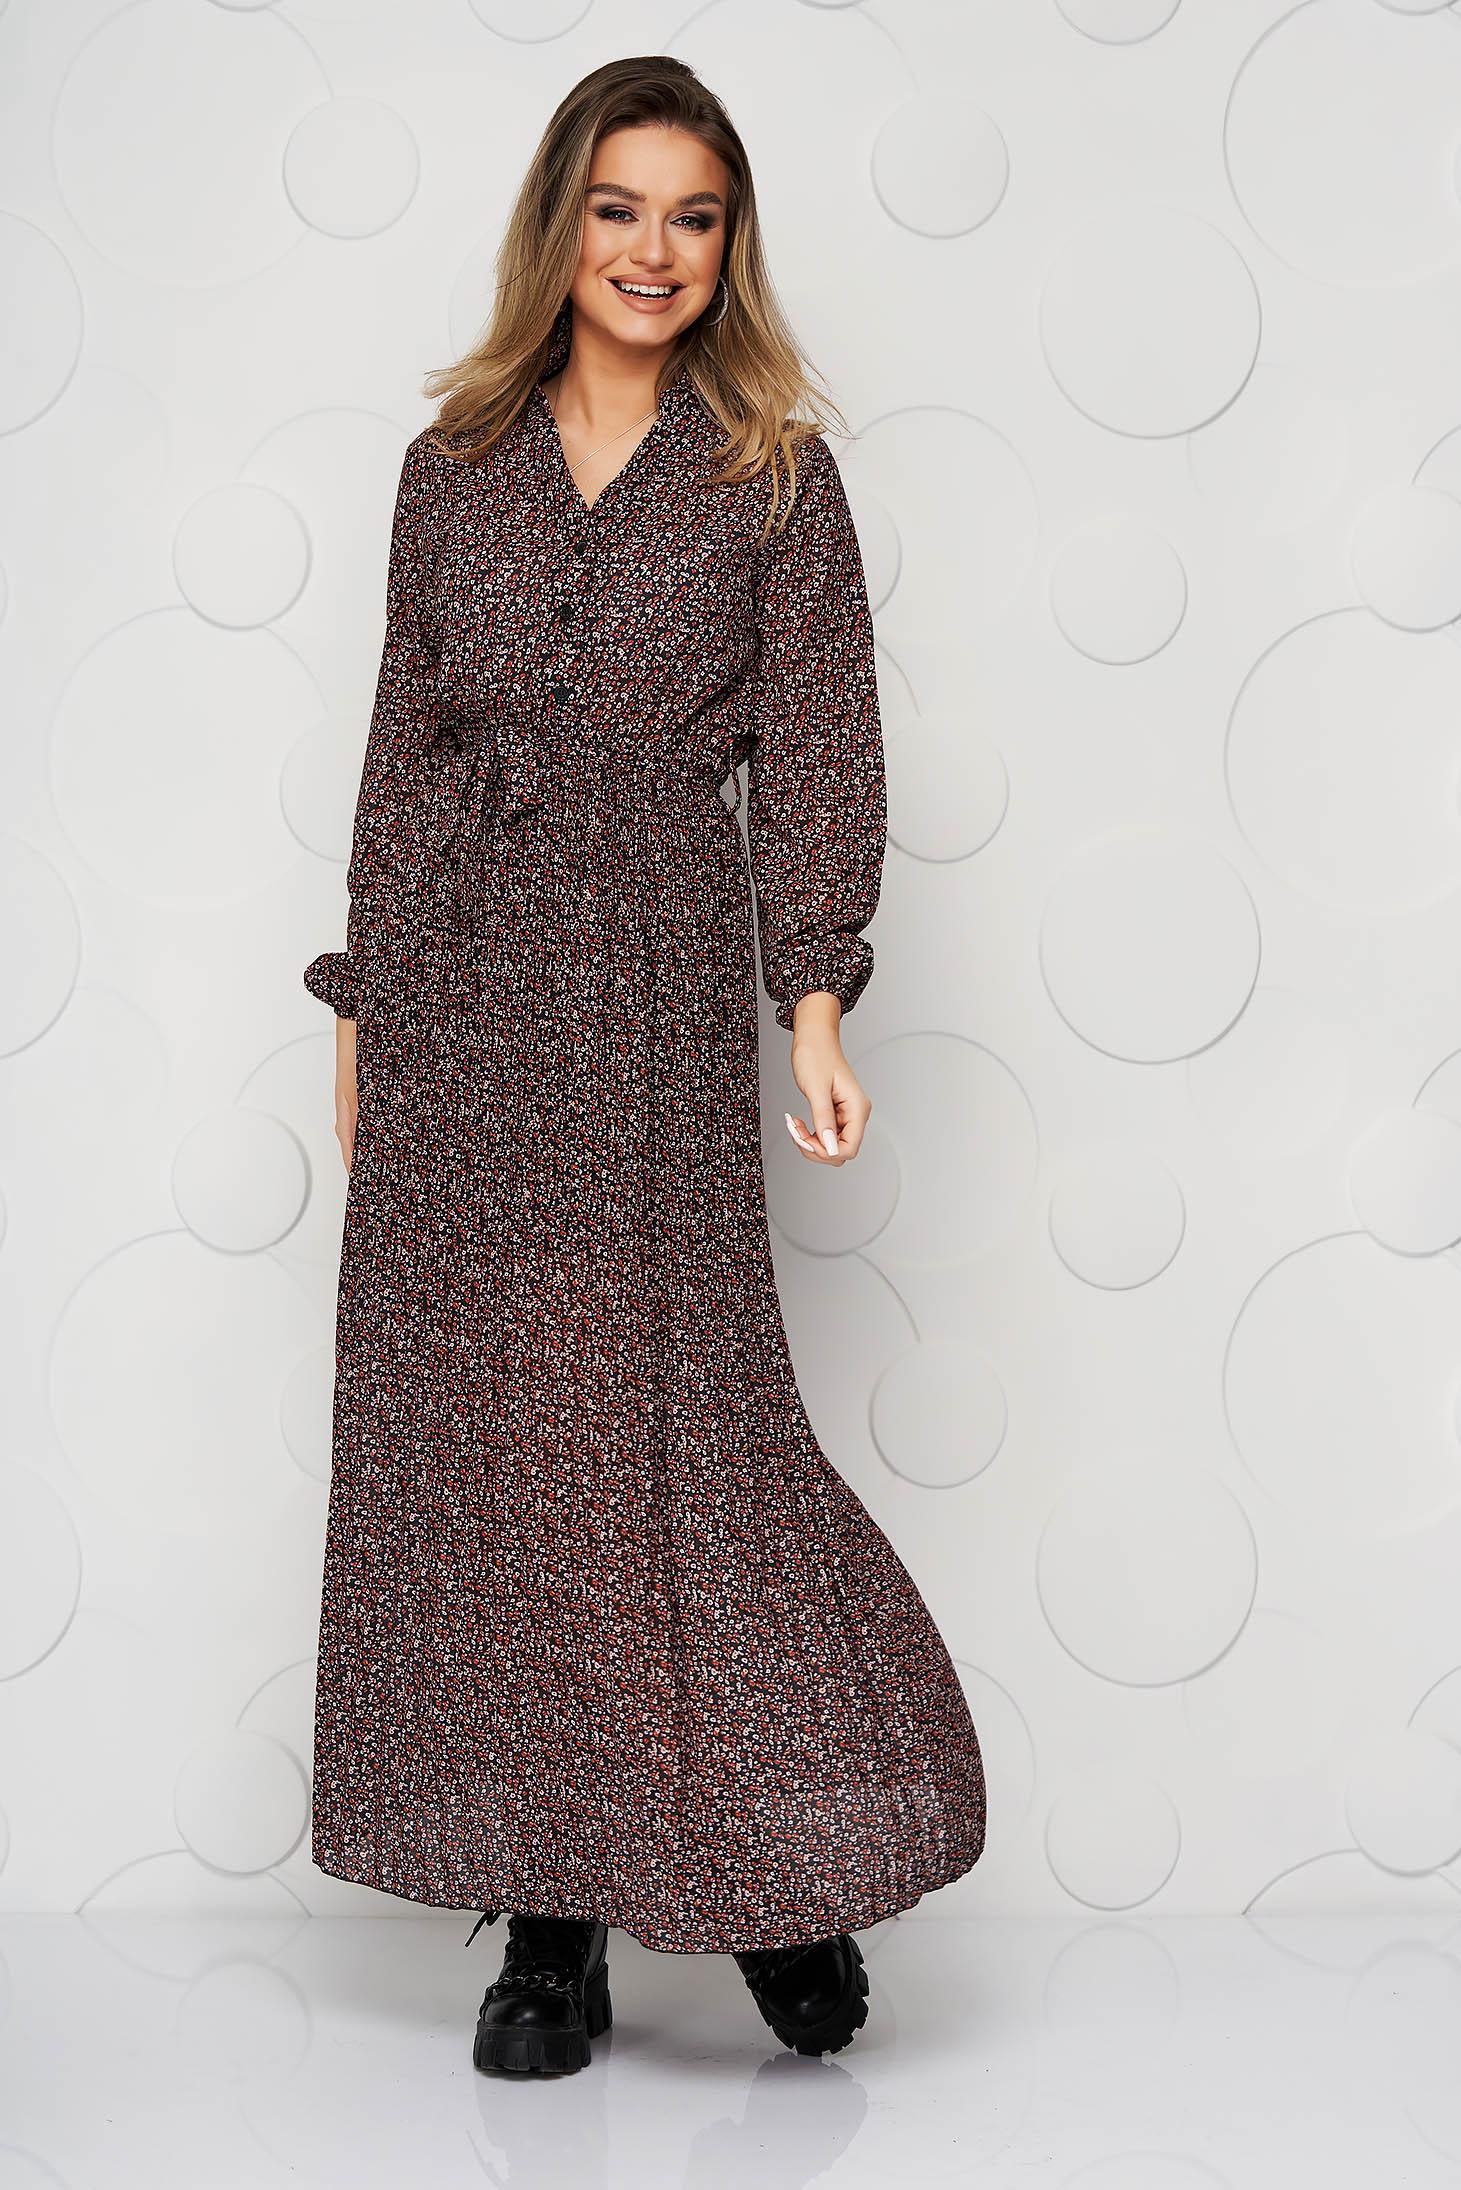 Rochie SunShine maro in clos cu elastic in talie plisata din material vaporos si transparent